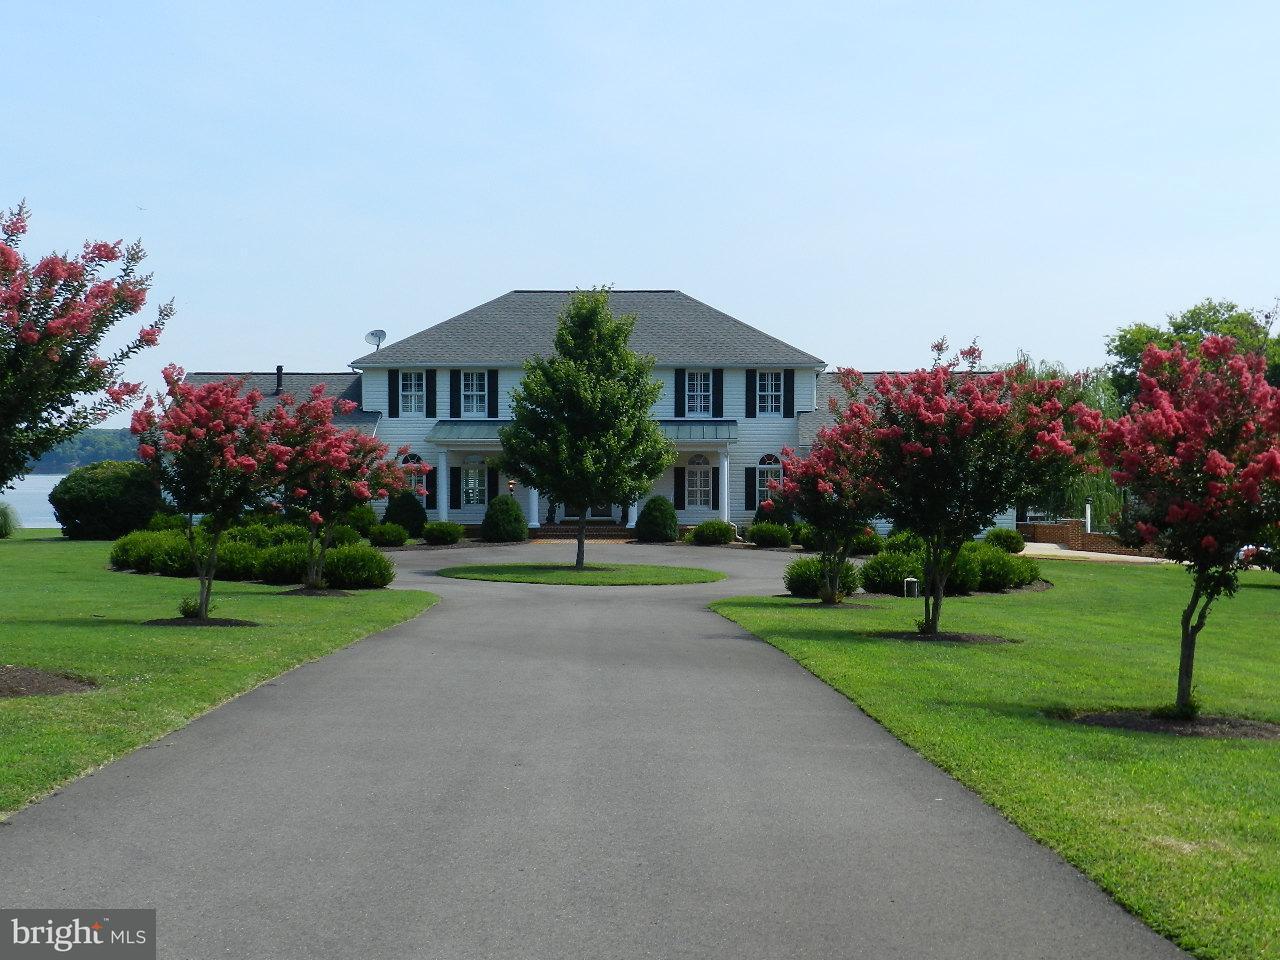 Частный односемейный дом для того Продажа на 260 THORNY POINT Road 260 THORNY POINT Road Stafford, Виргиния 22554 Соединенные Штаты